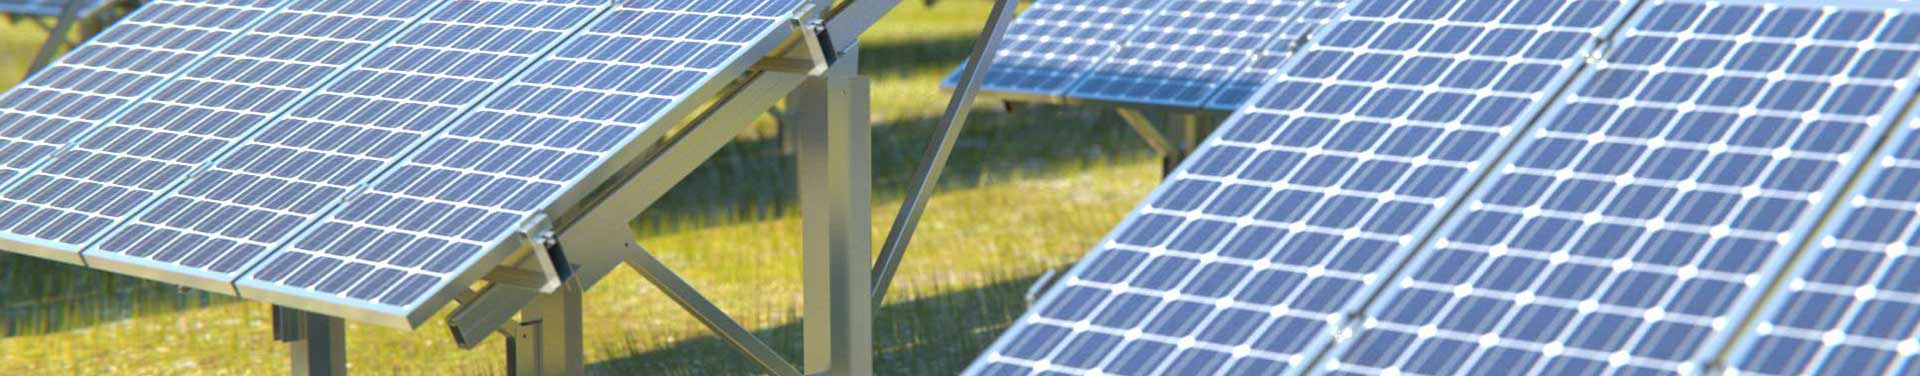 strutture_per_fotovoltaico_3